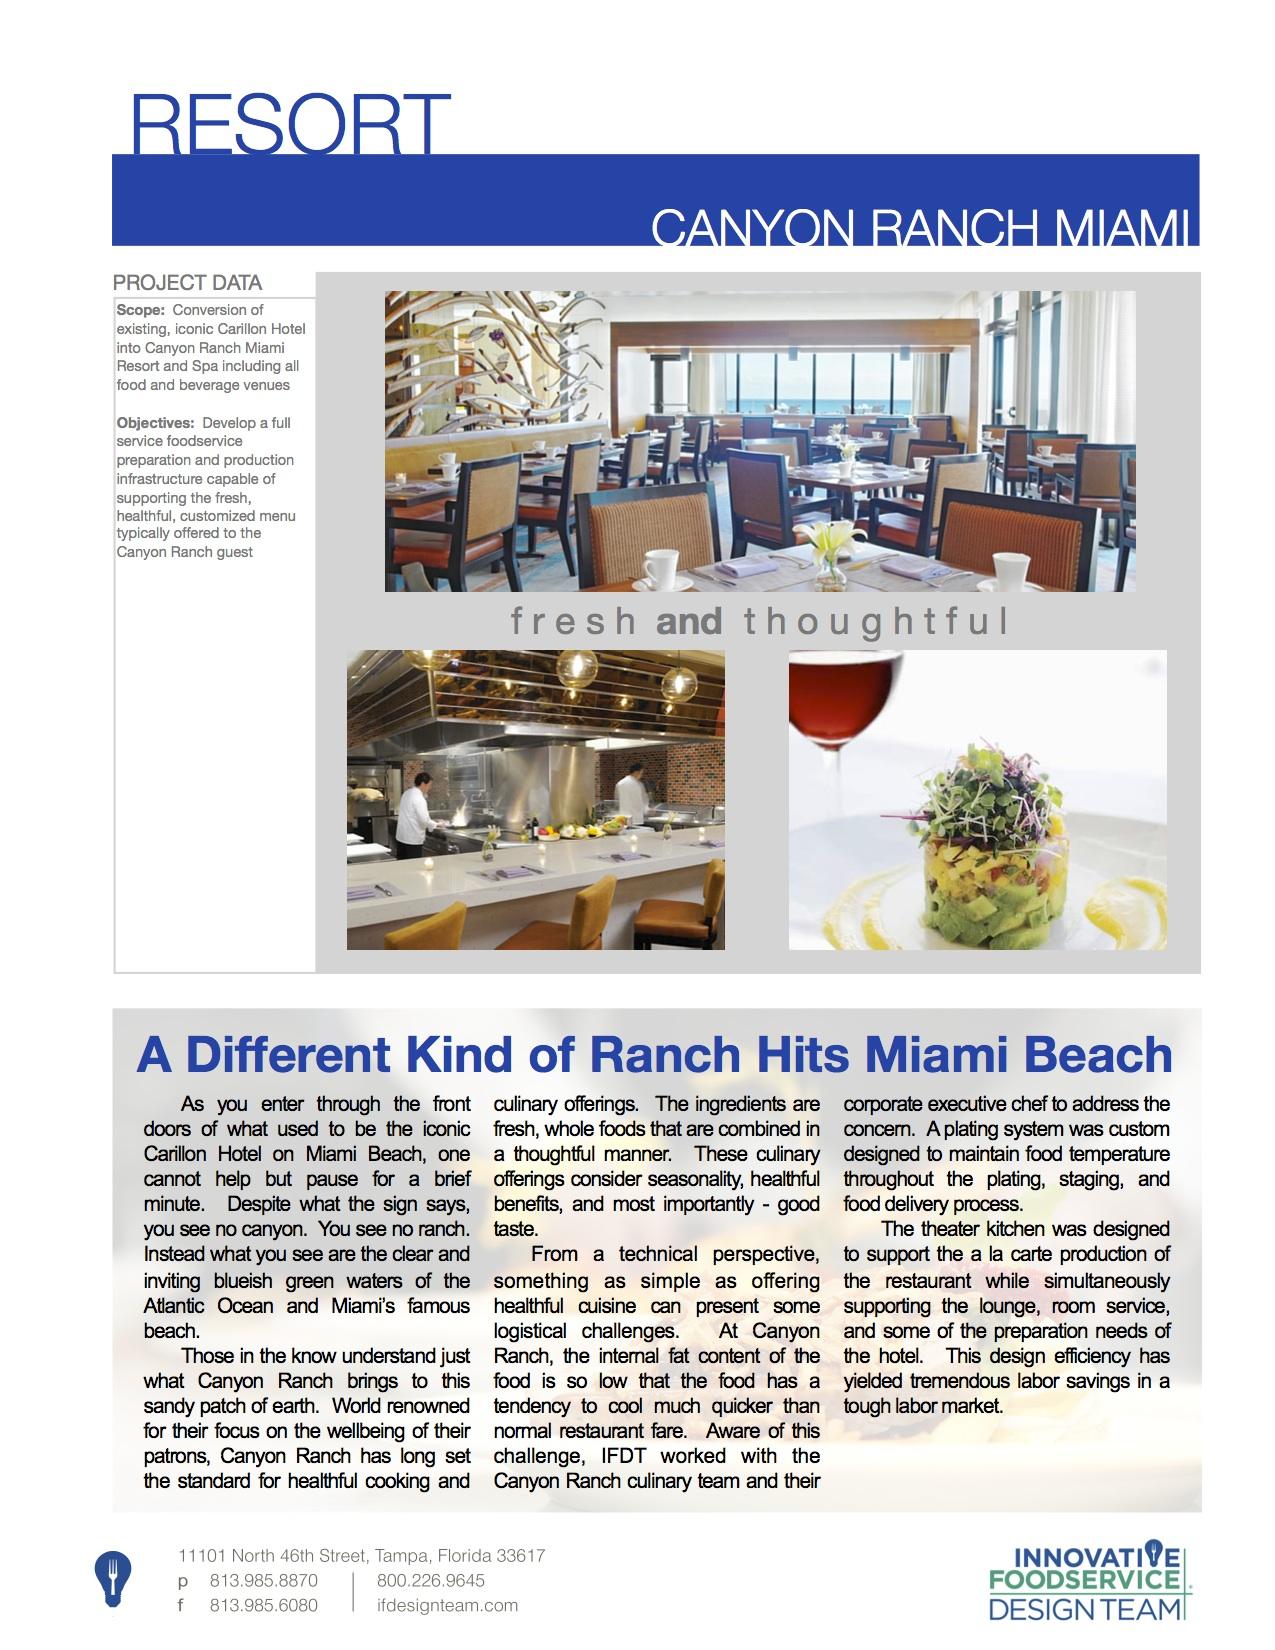 Canyon Ranch Miami.jpg